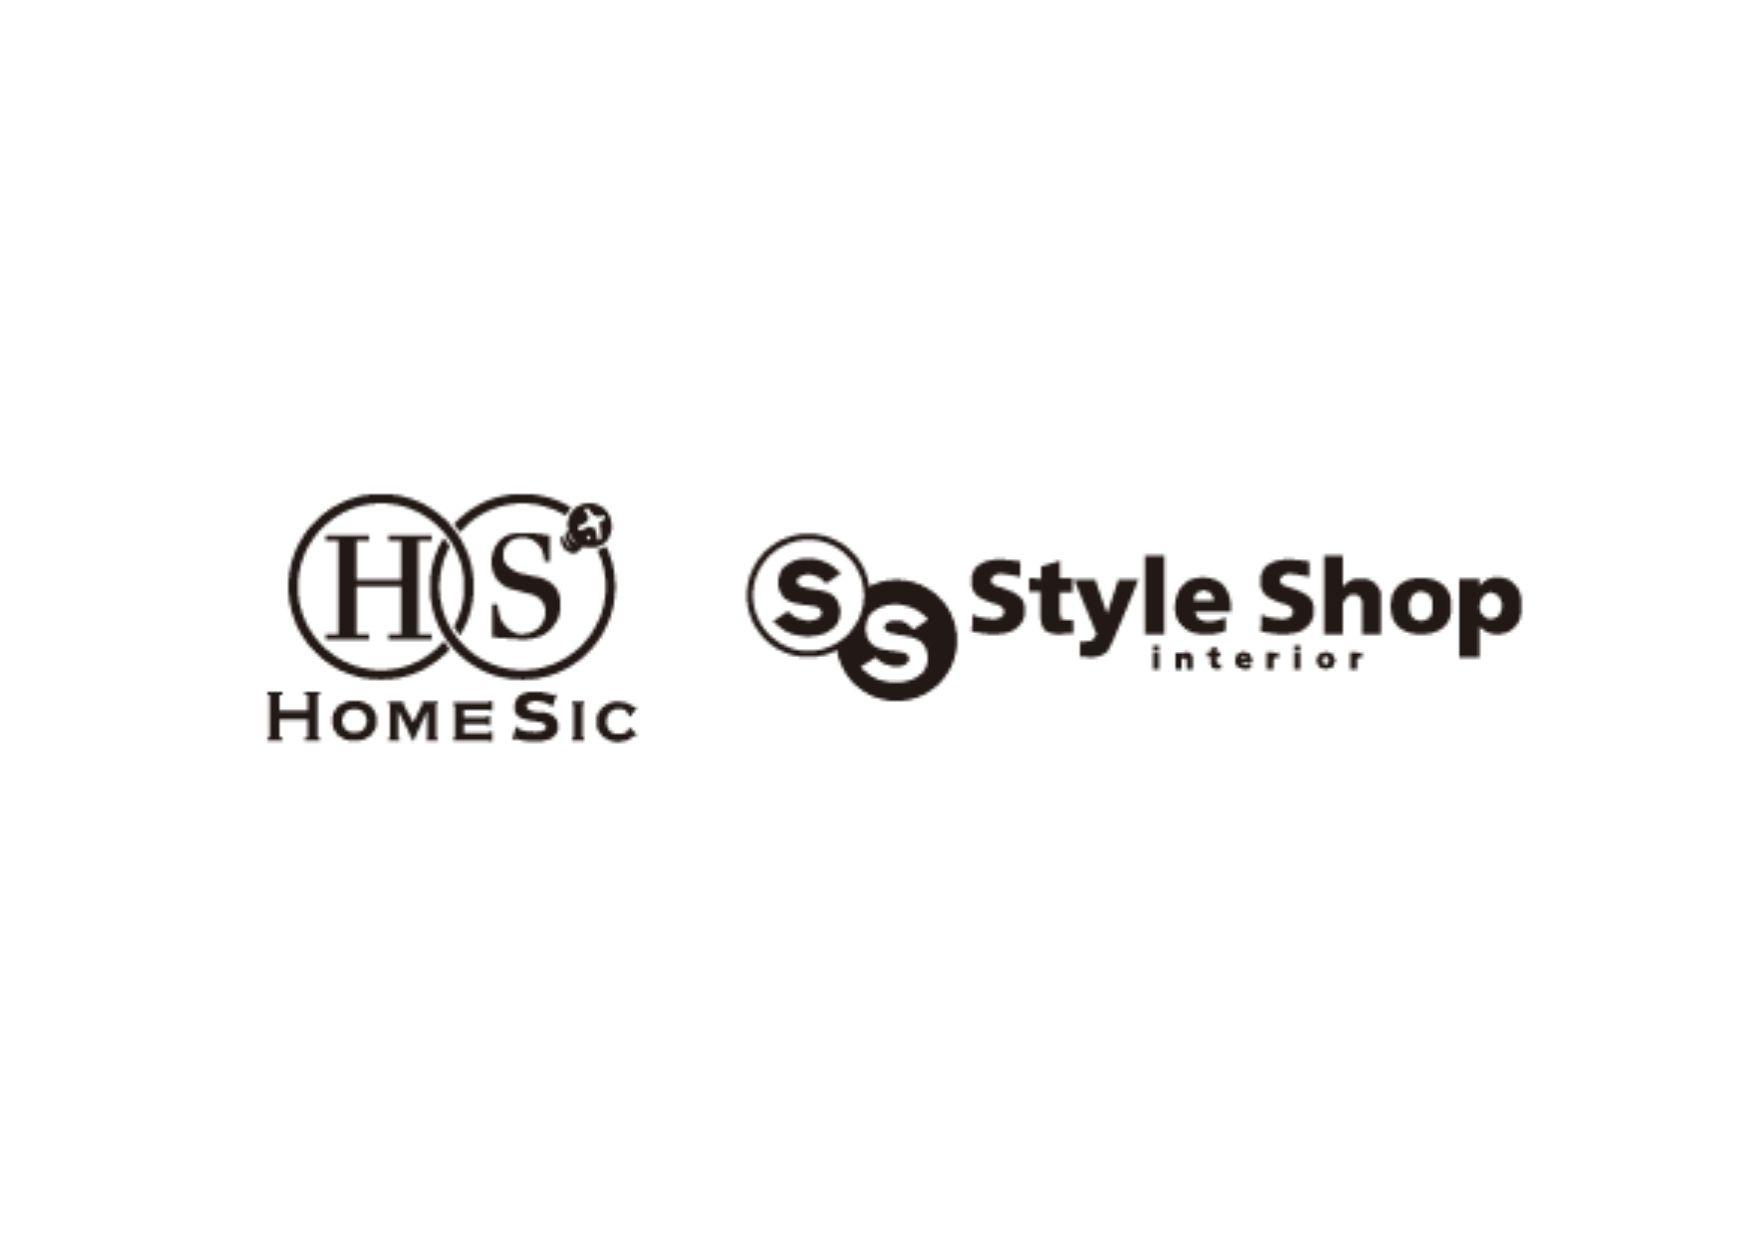 ホームシック スタイルショップ ロゴ